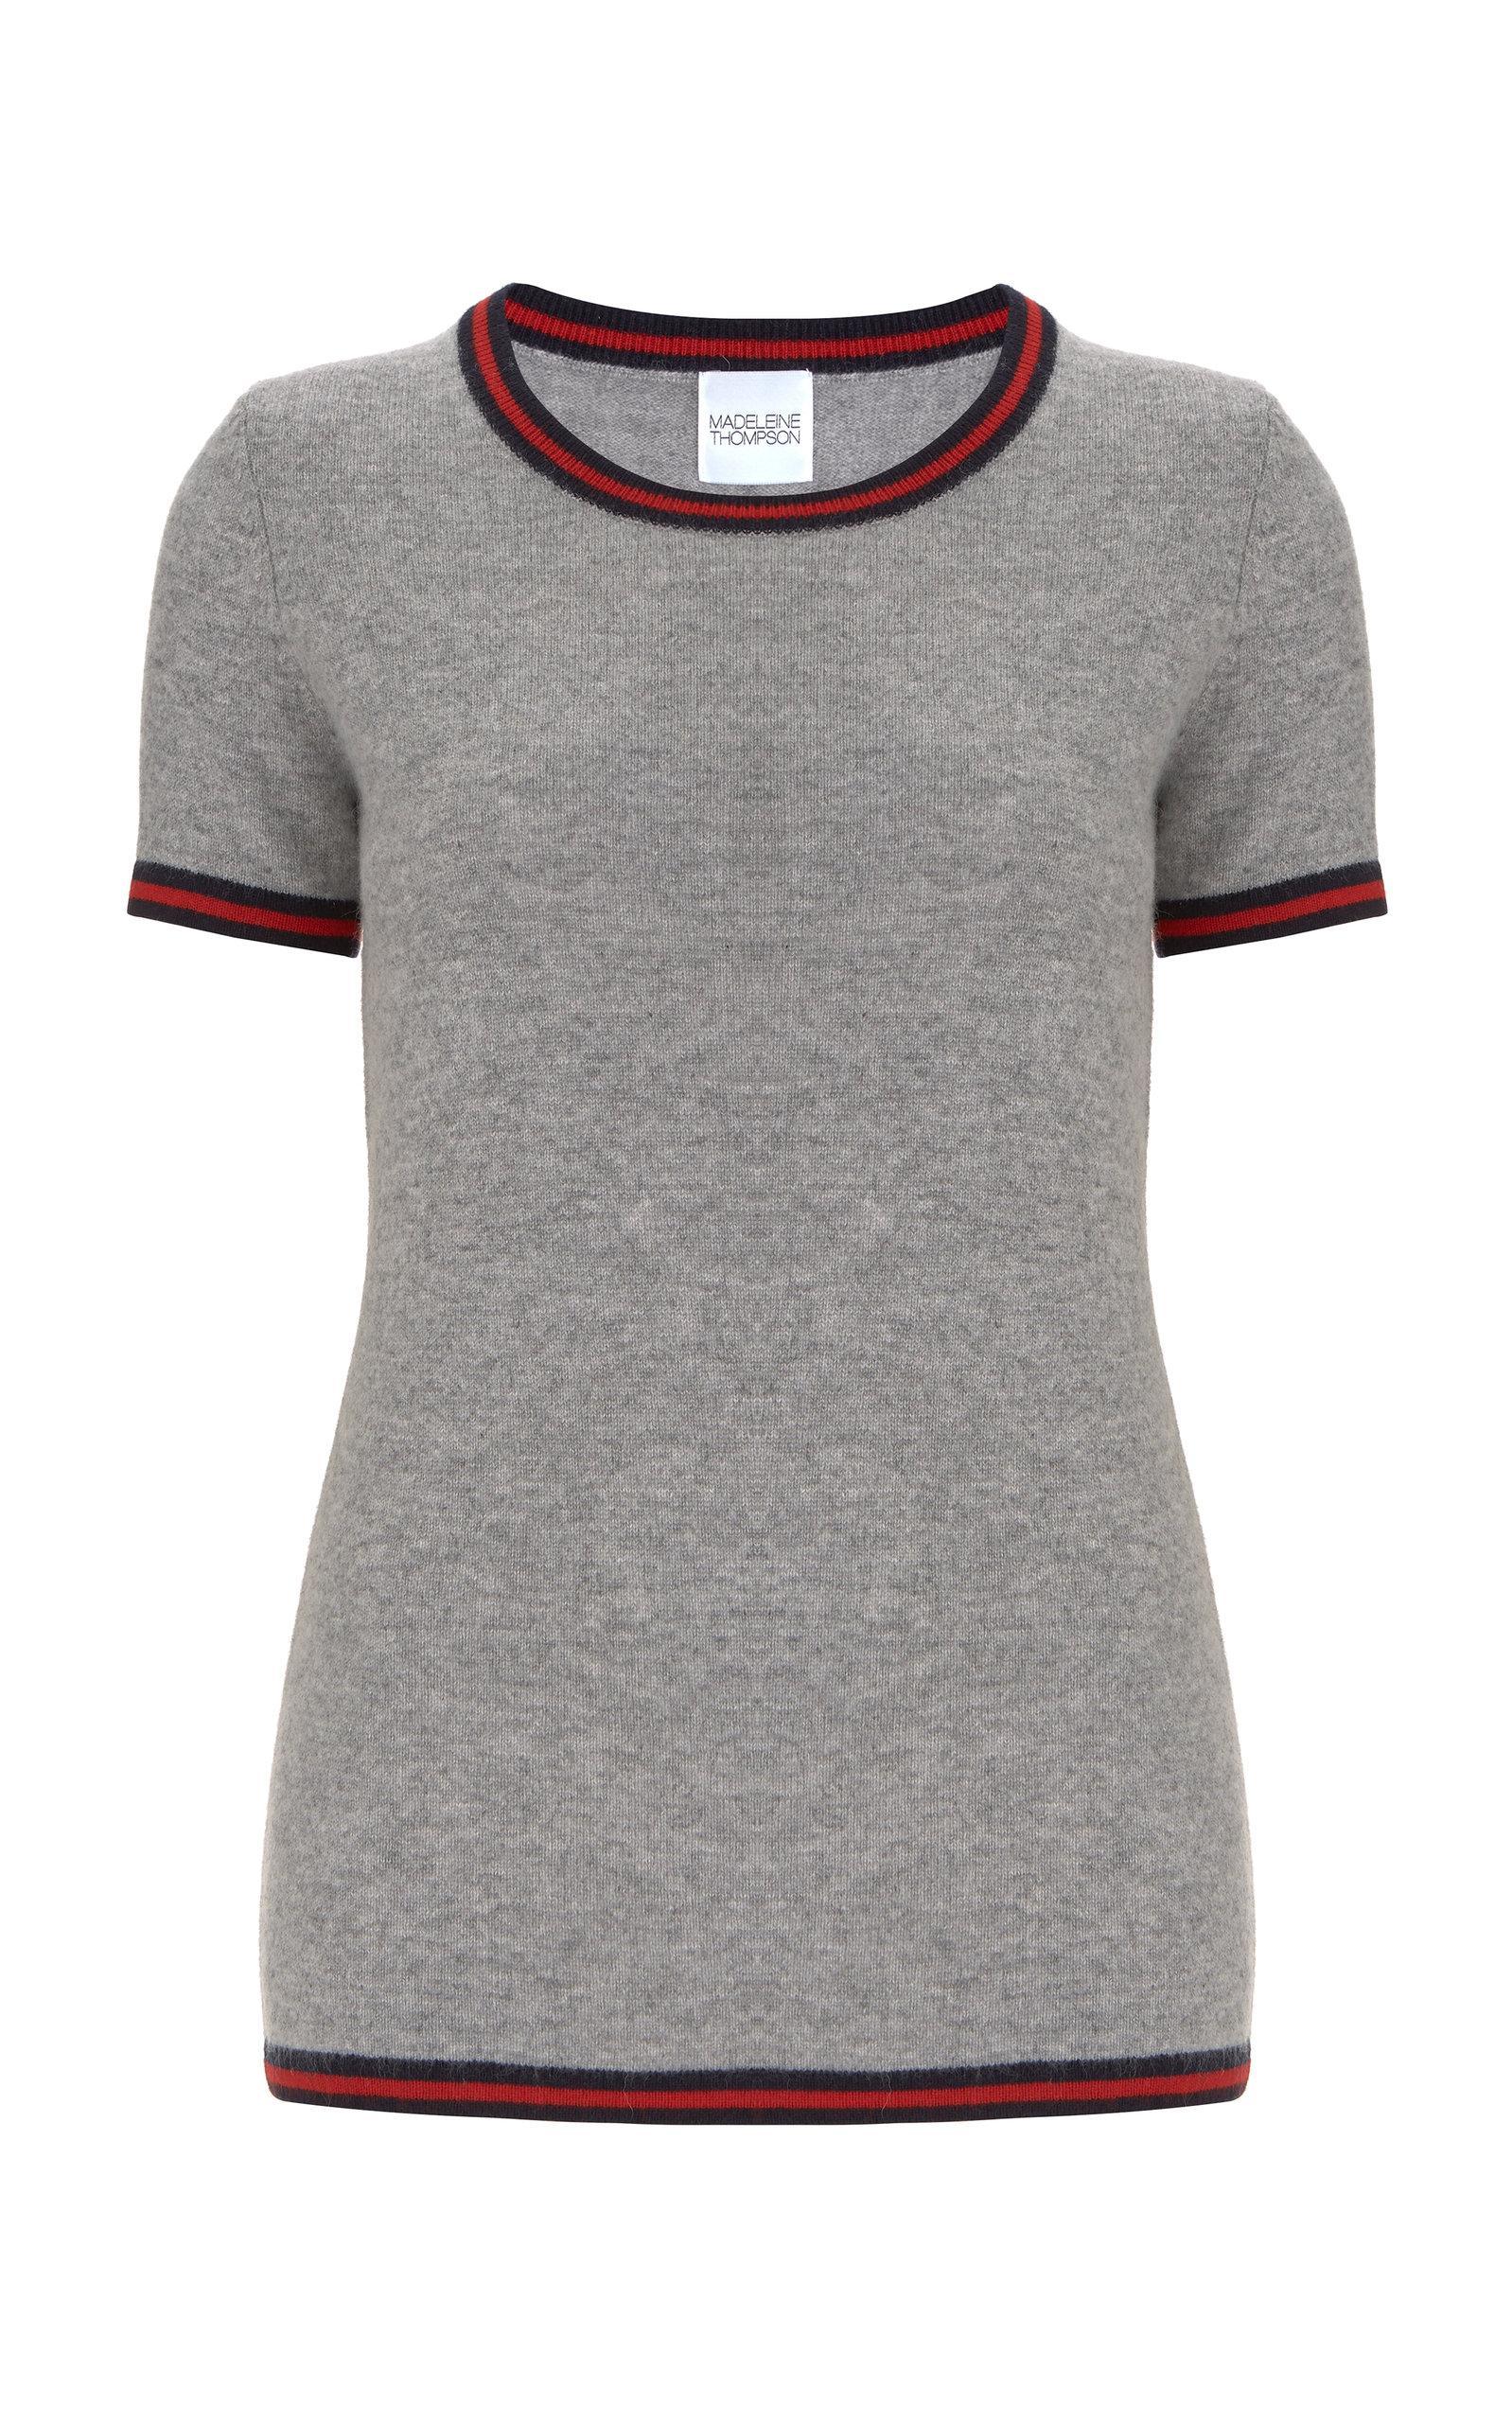 5ed802a4877dd Madeleine Thompson Hoth Striped Crewneck T-Shirt In Grey | ModeSens